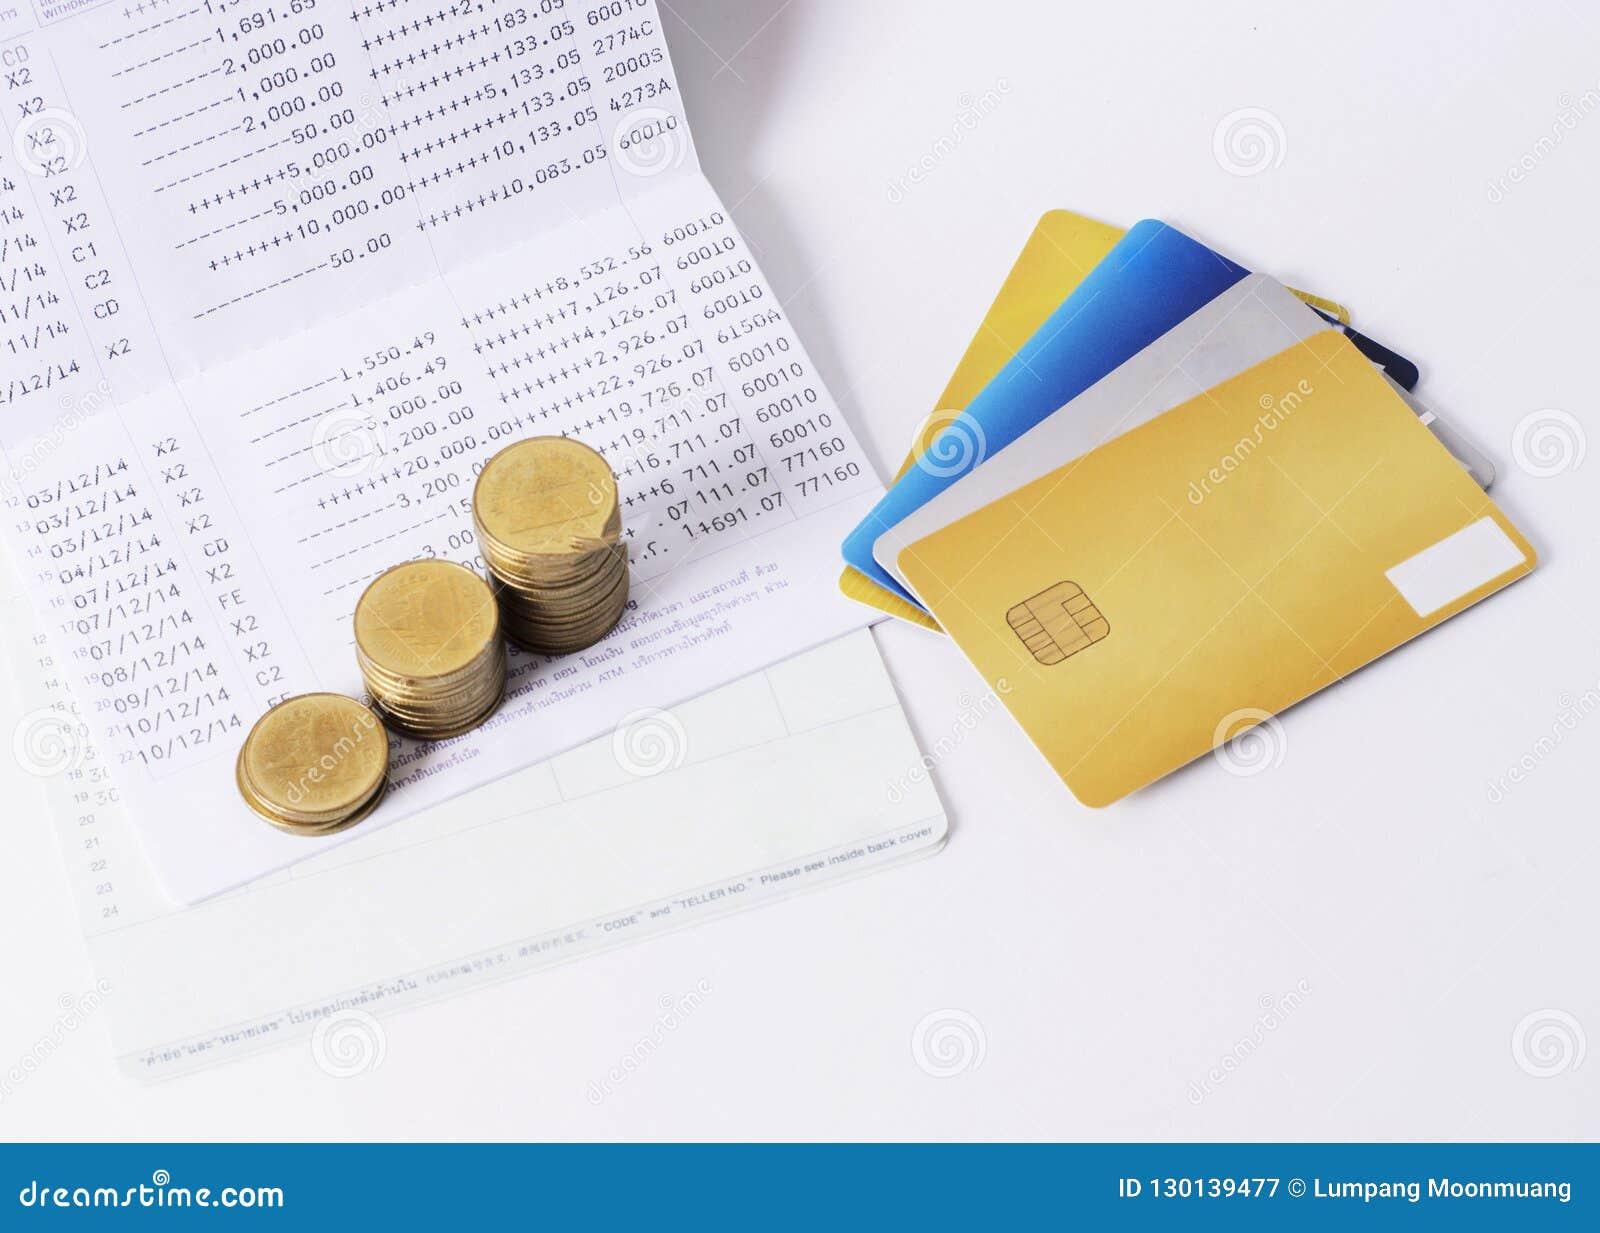 кредит на 50 тысяч рублей по паспорту сбербанк